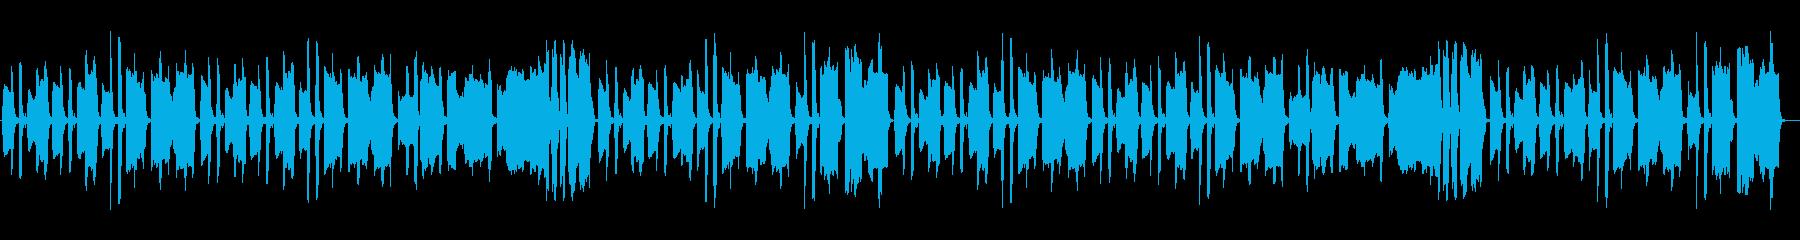 リコーダー曲 /ペットや赤ちゃん動画にの再生済みの波形